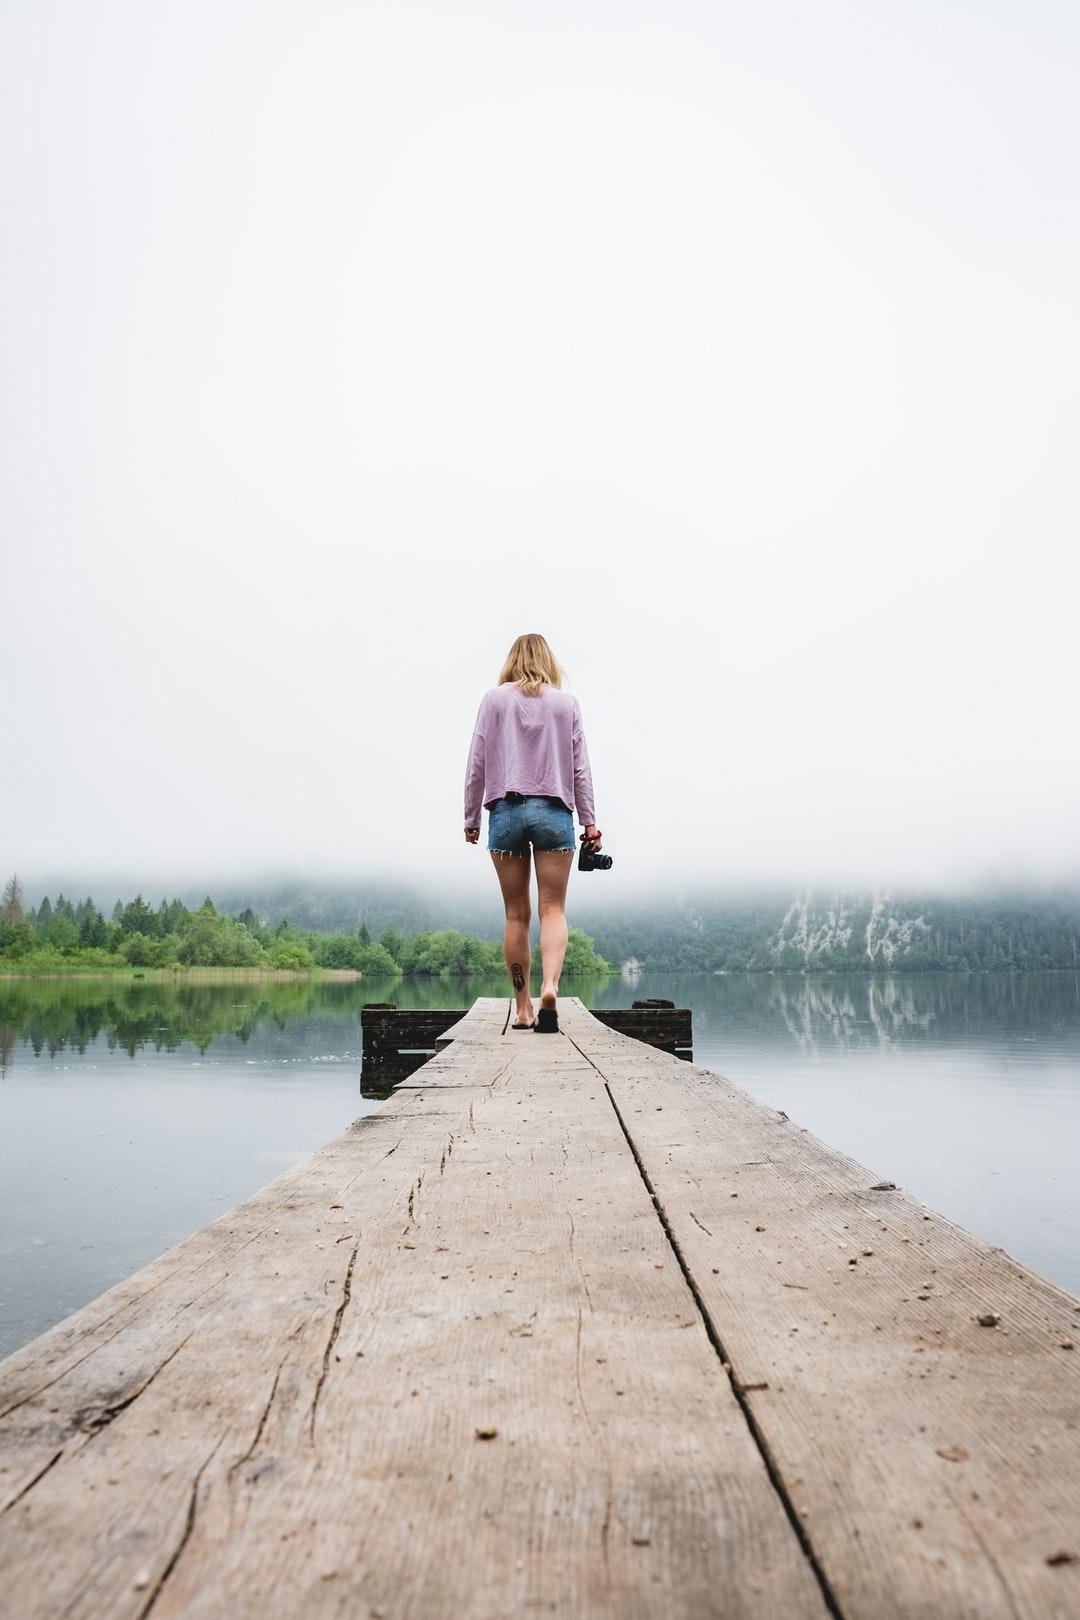 woman walking on dockside beside body of water